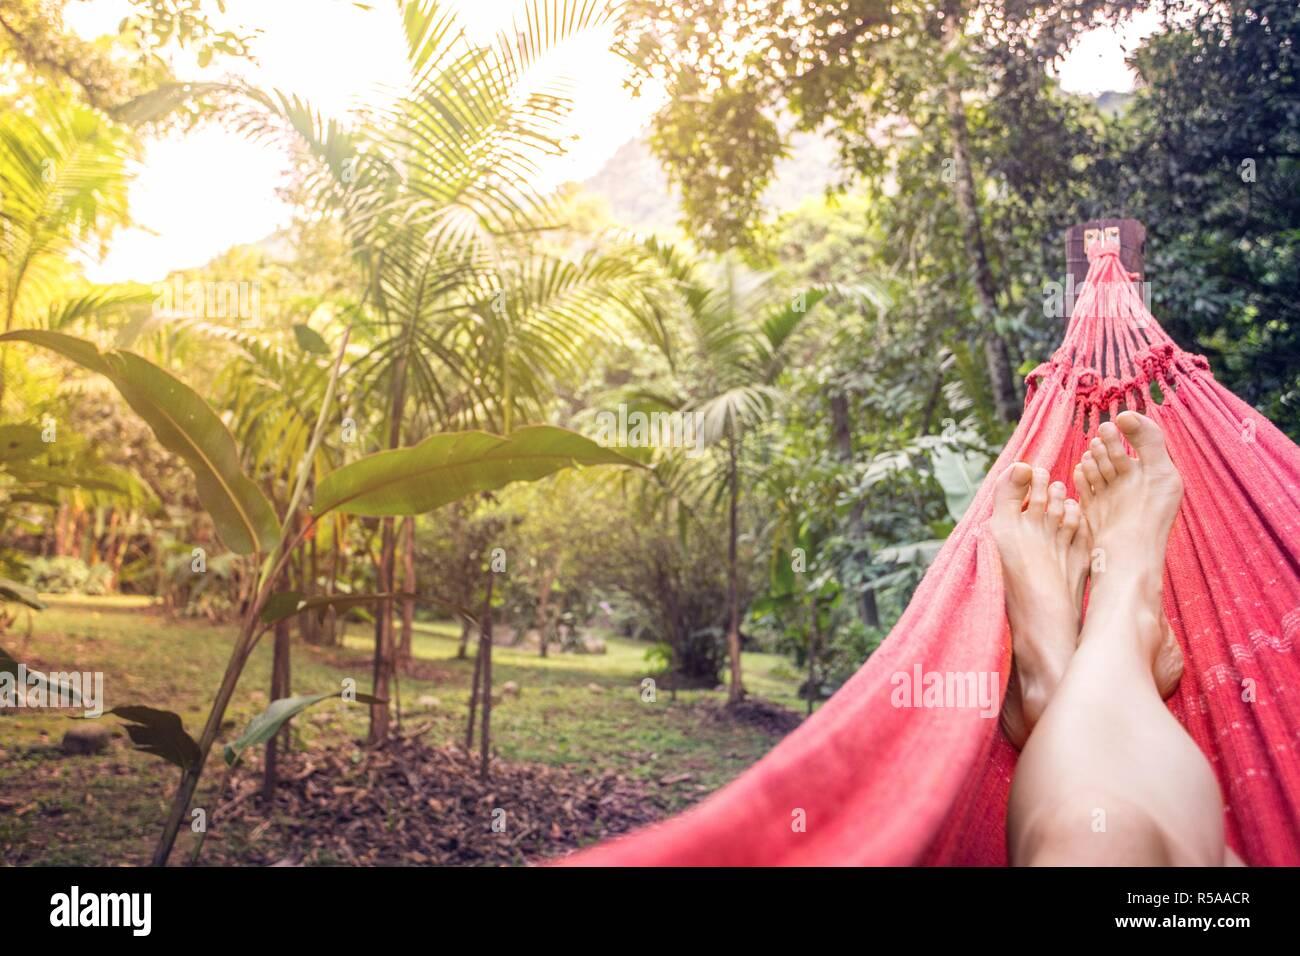 girl lying in a hammock in the tropical jungles of Brazil. Brasil - Stock Image